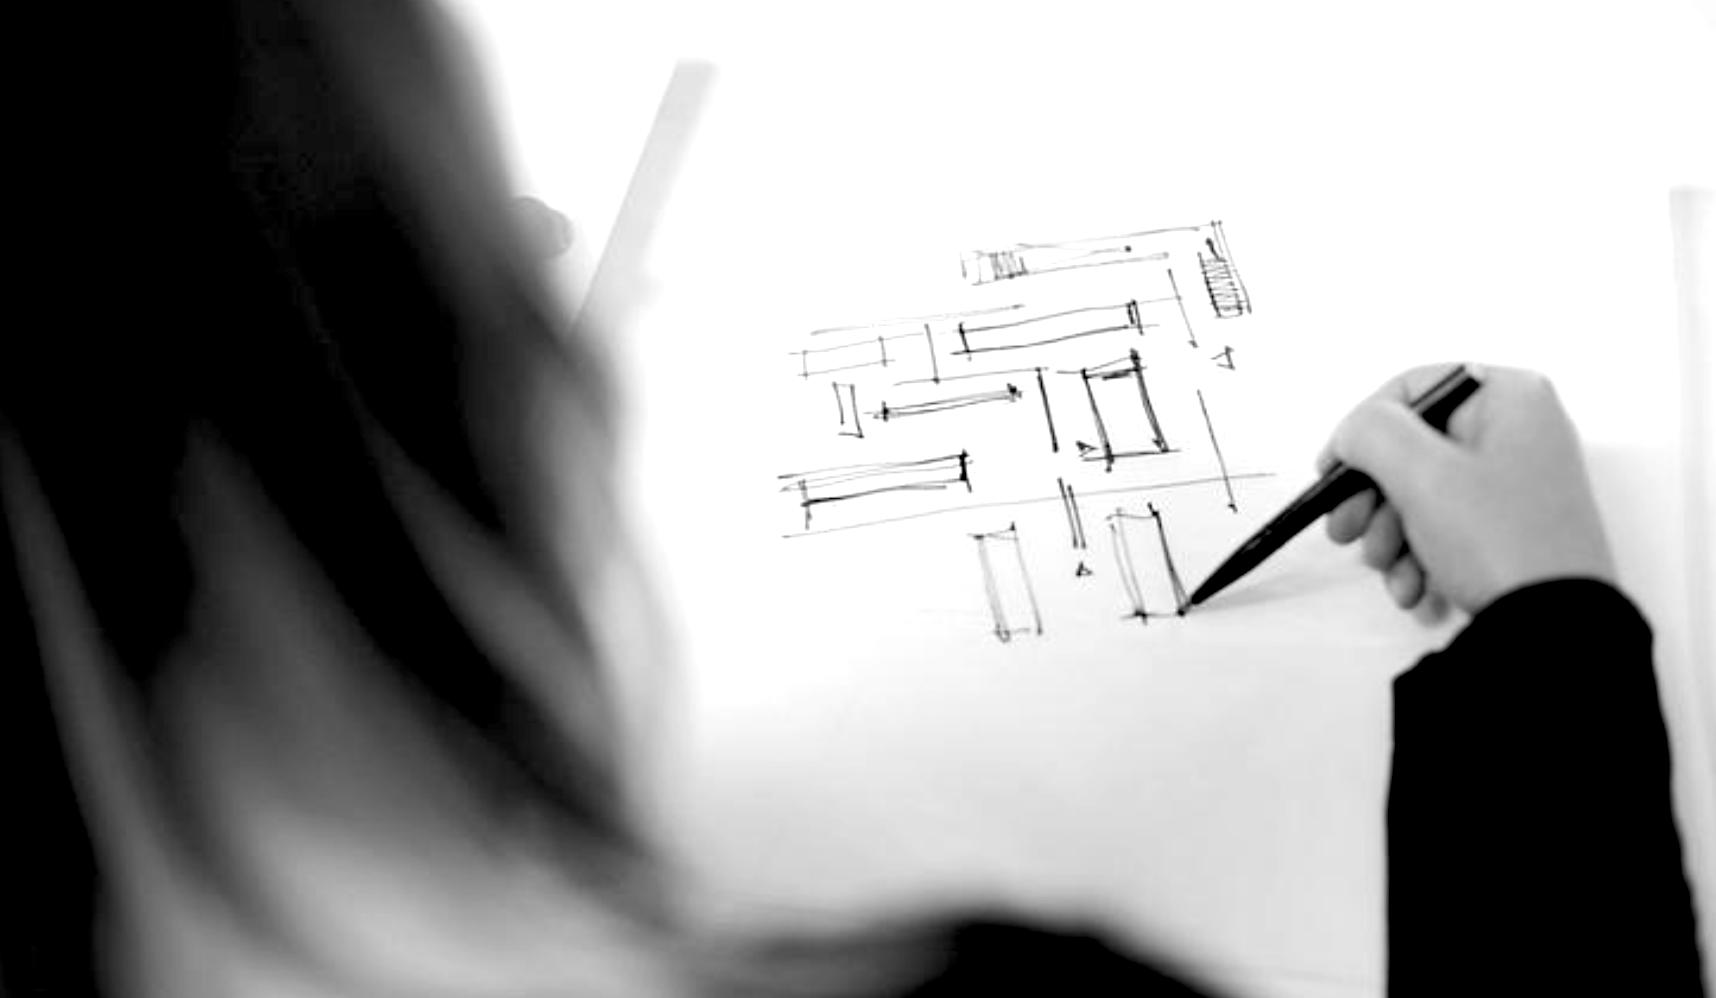 Eine Frau macht eine Architekturzeichnung